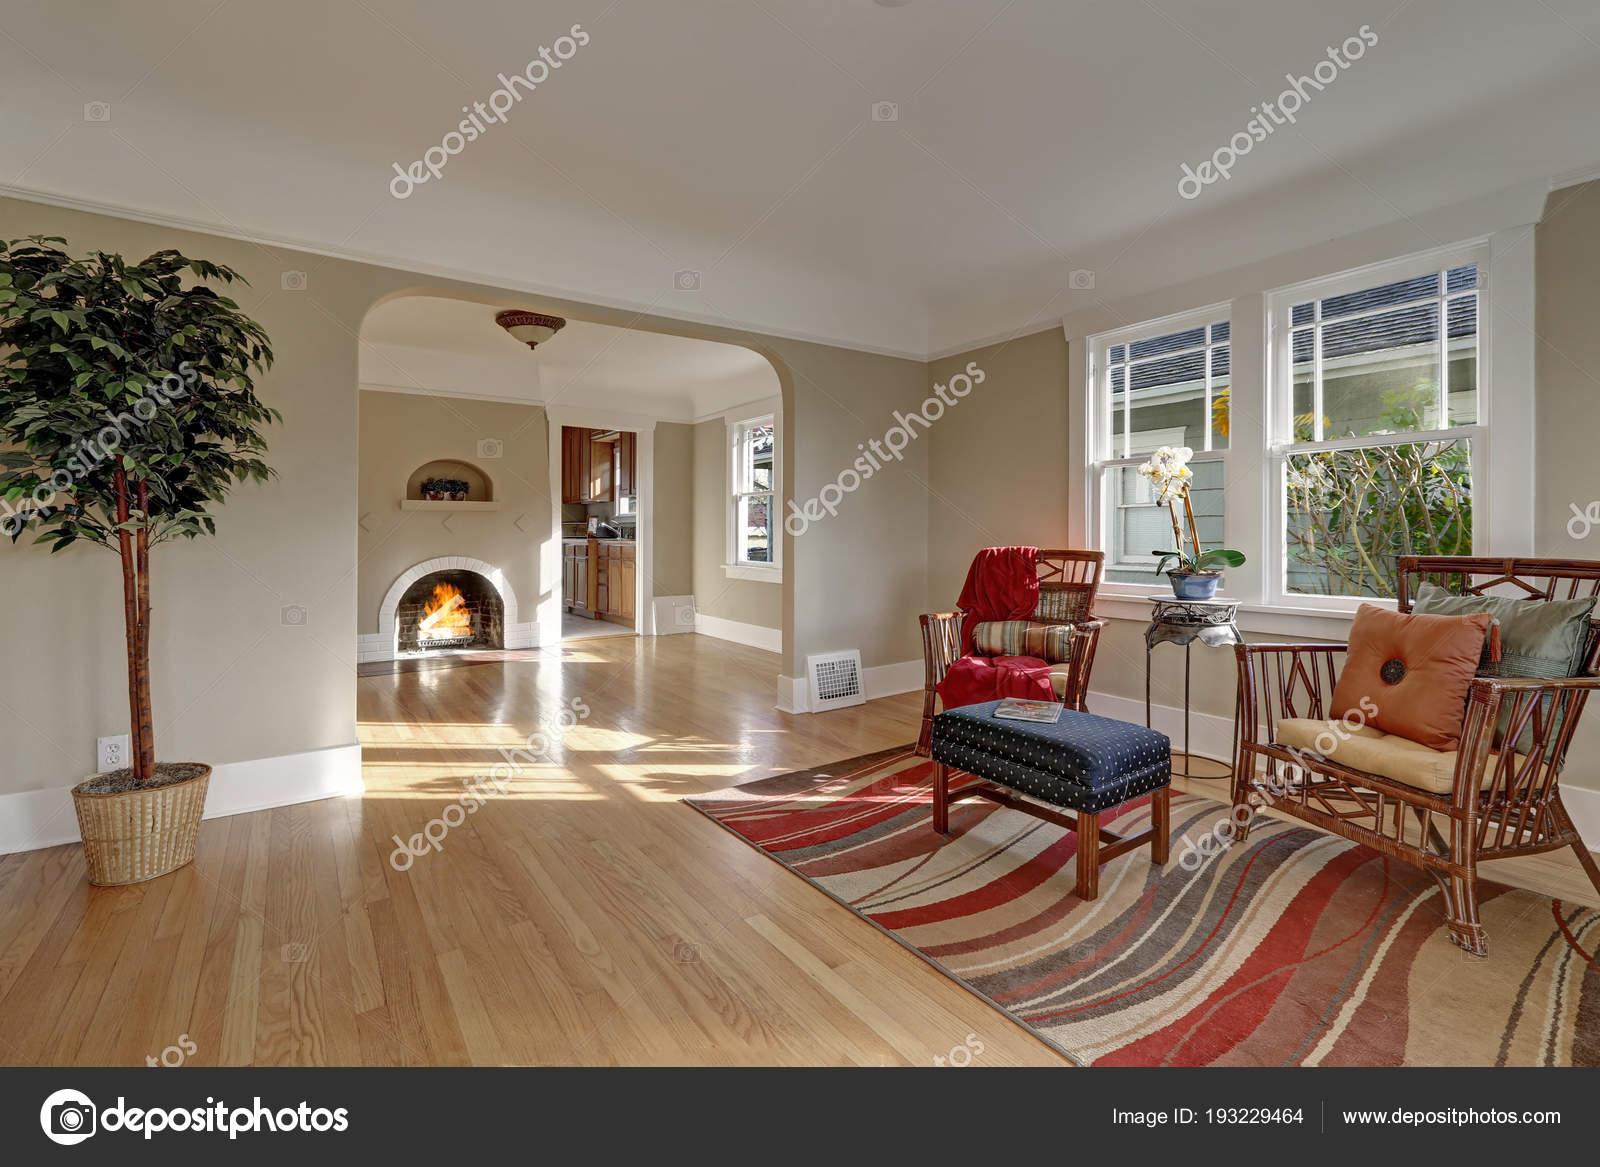 Handwerker nach Hause innen Vitrinen helles Wohnzimmer — Stockfoto ...